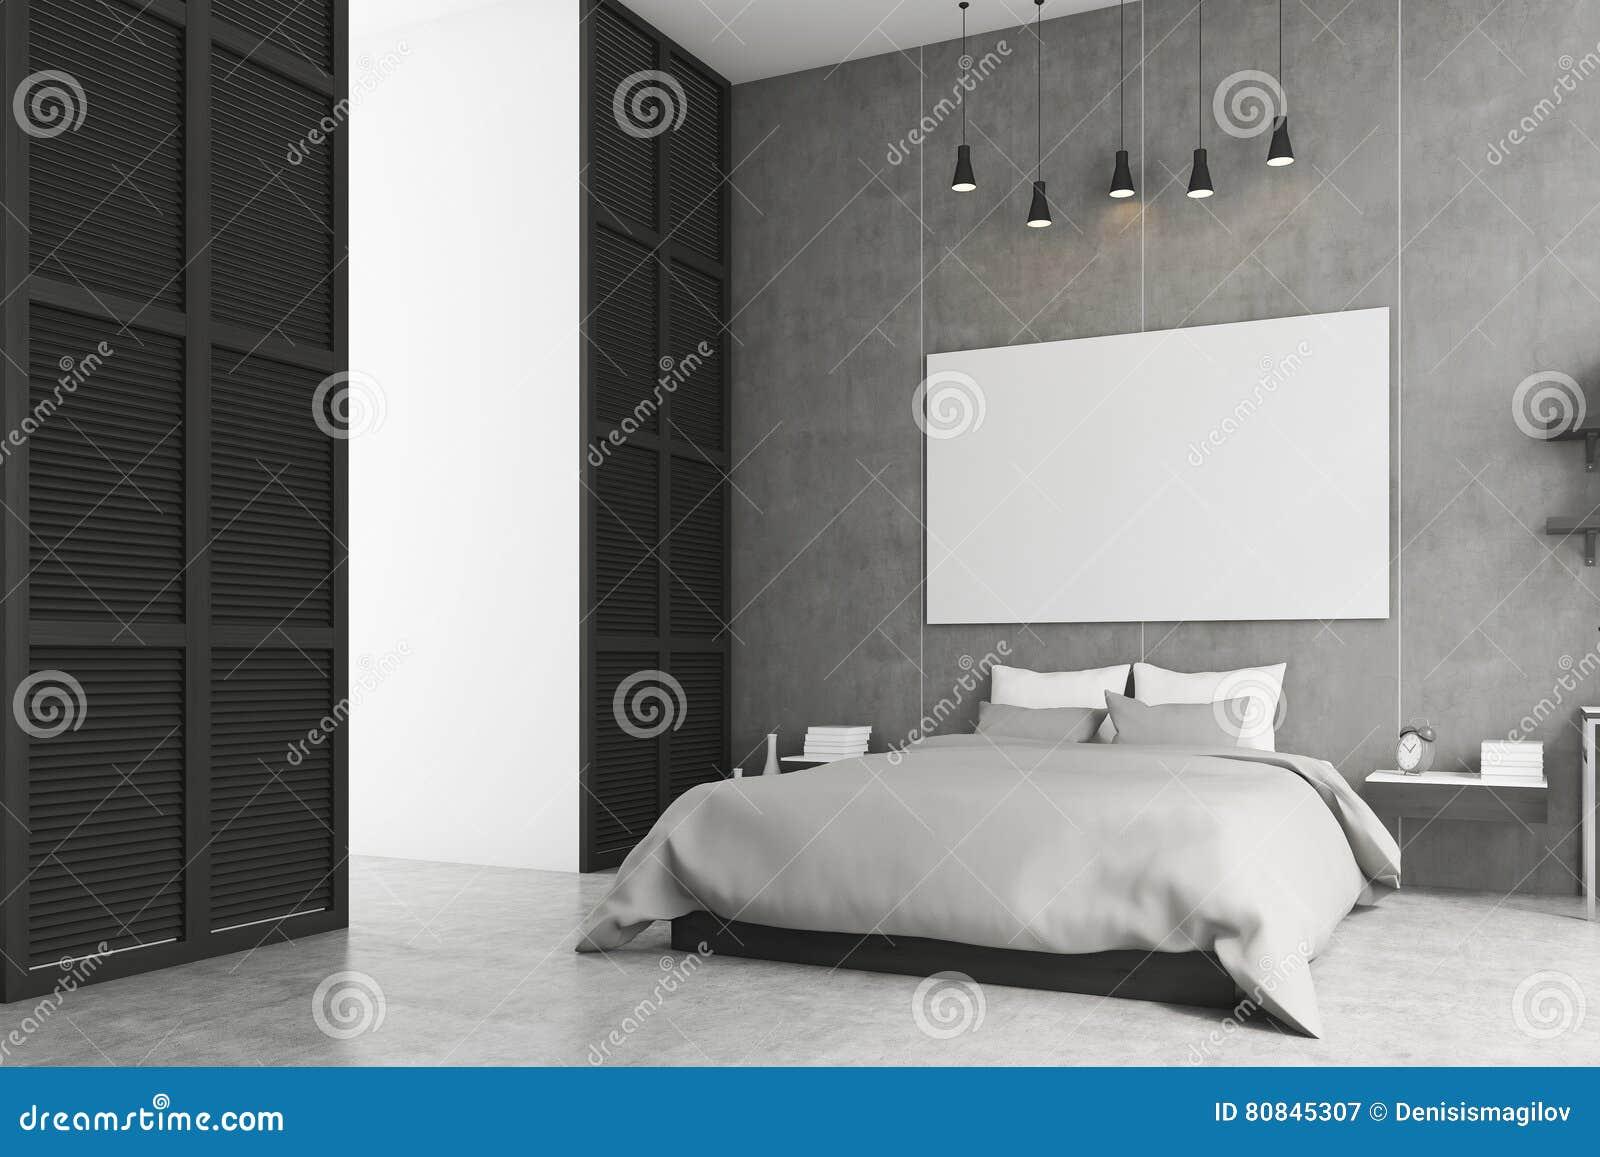 Zwarte Slaapkamer Muur : Slaapkamer met affiche en een venster in een zwarte muur stock